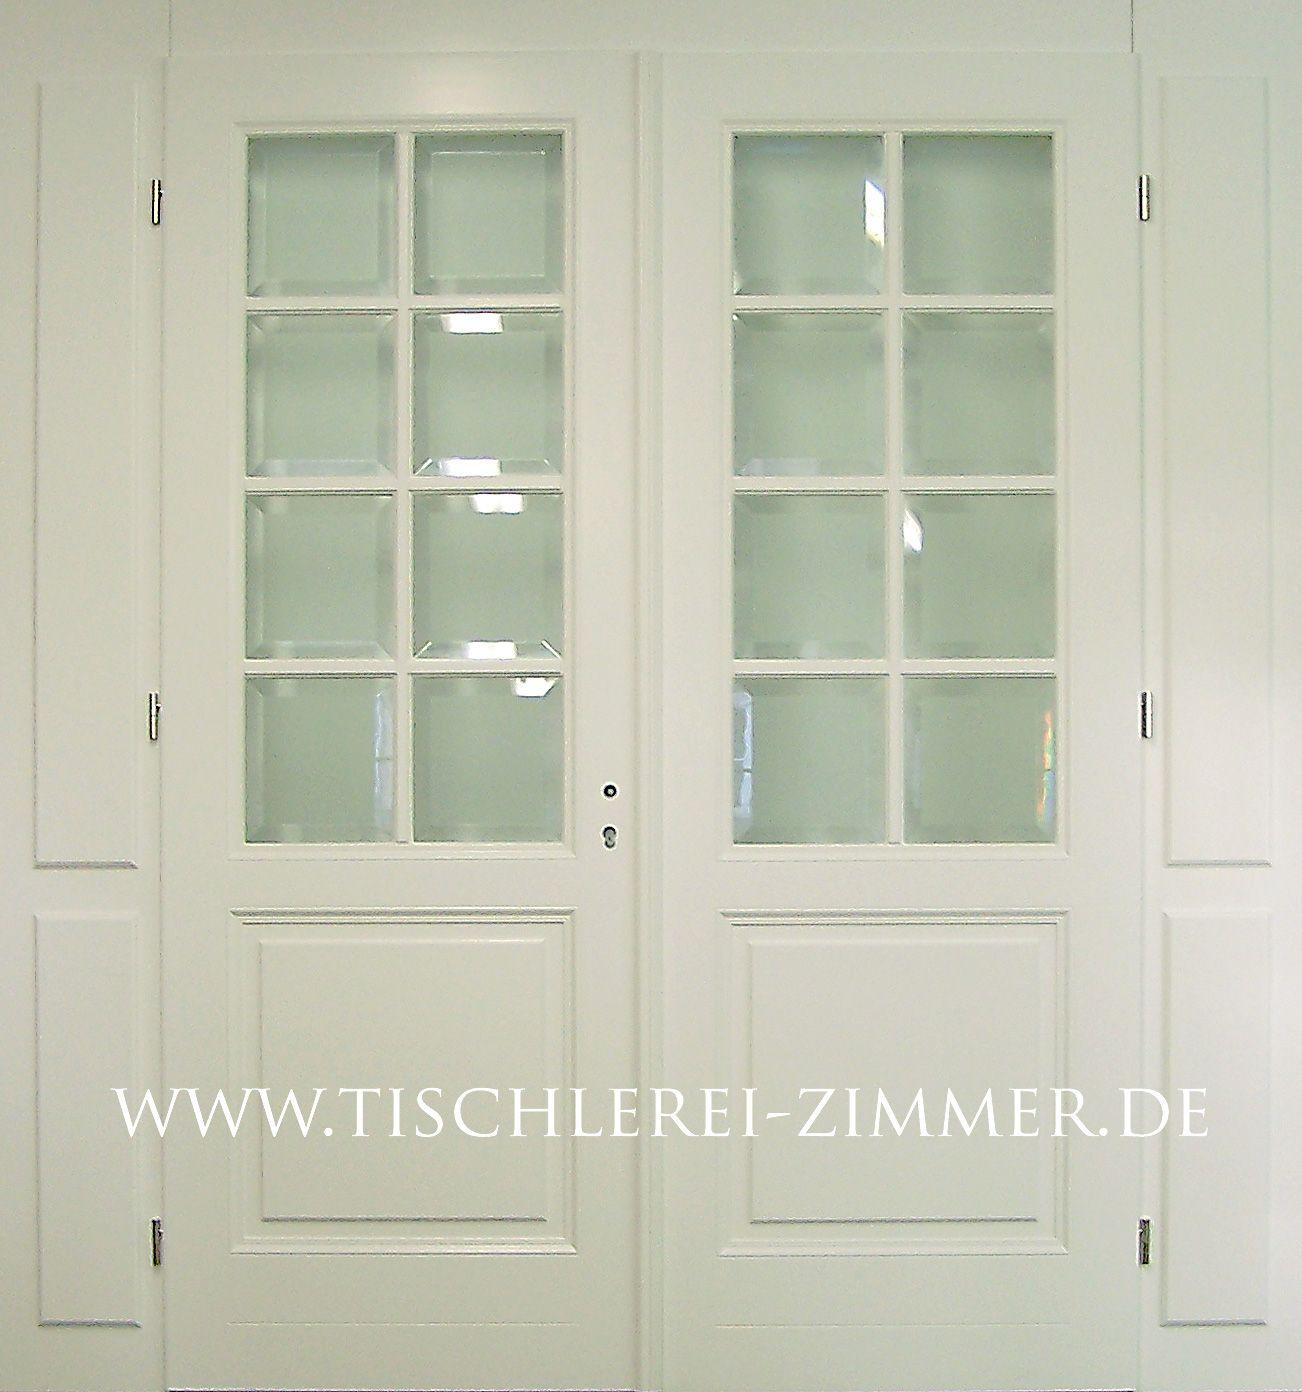 Zweiflügelige innentür  eine zweiflügelige Innentür mit facettiertem Glas | Kassettentüren ...